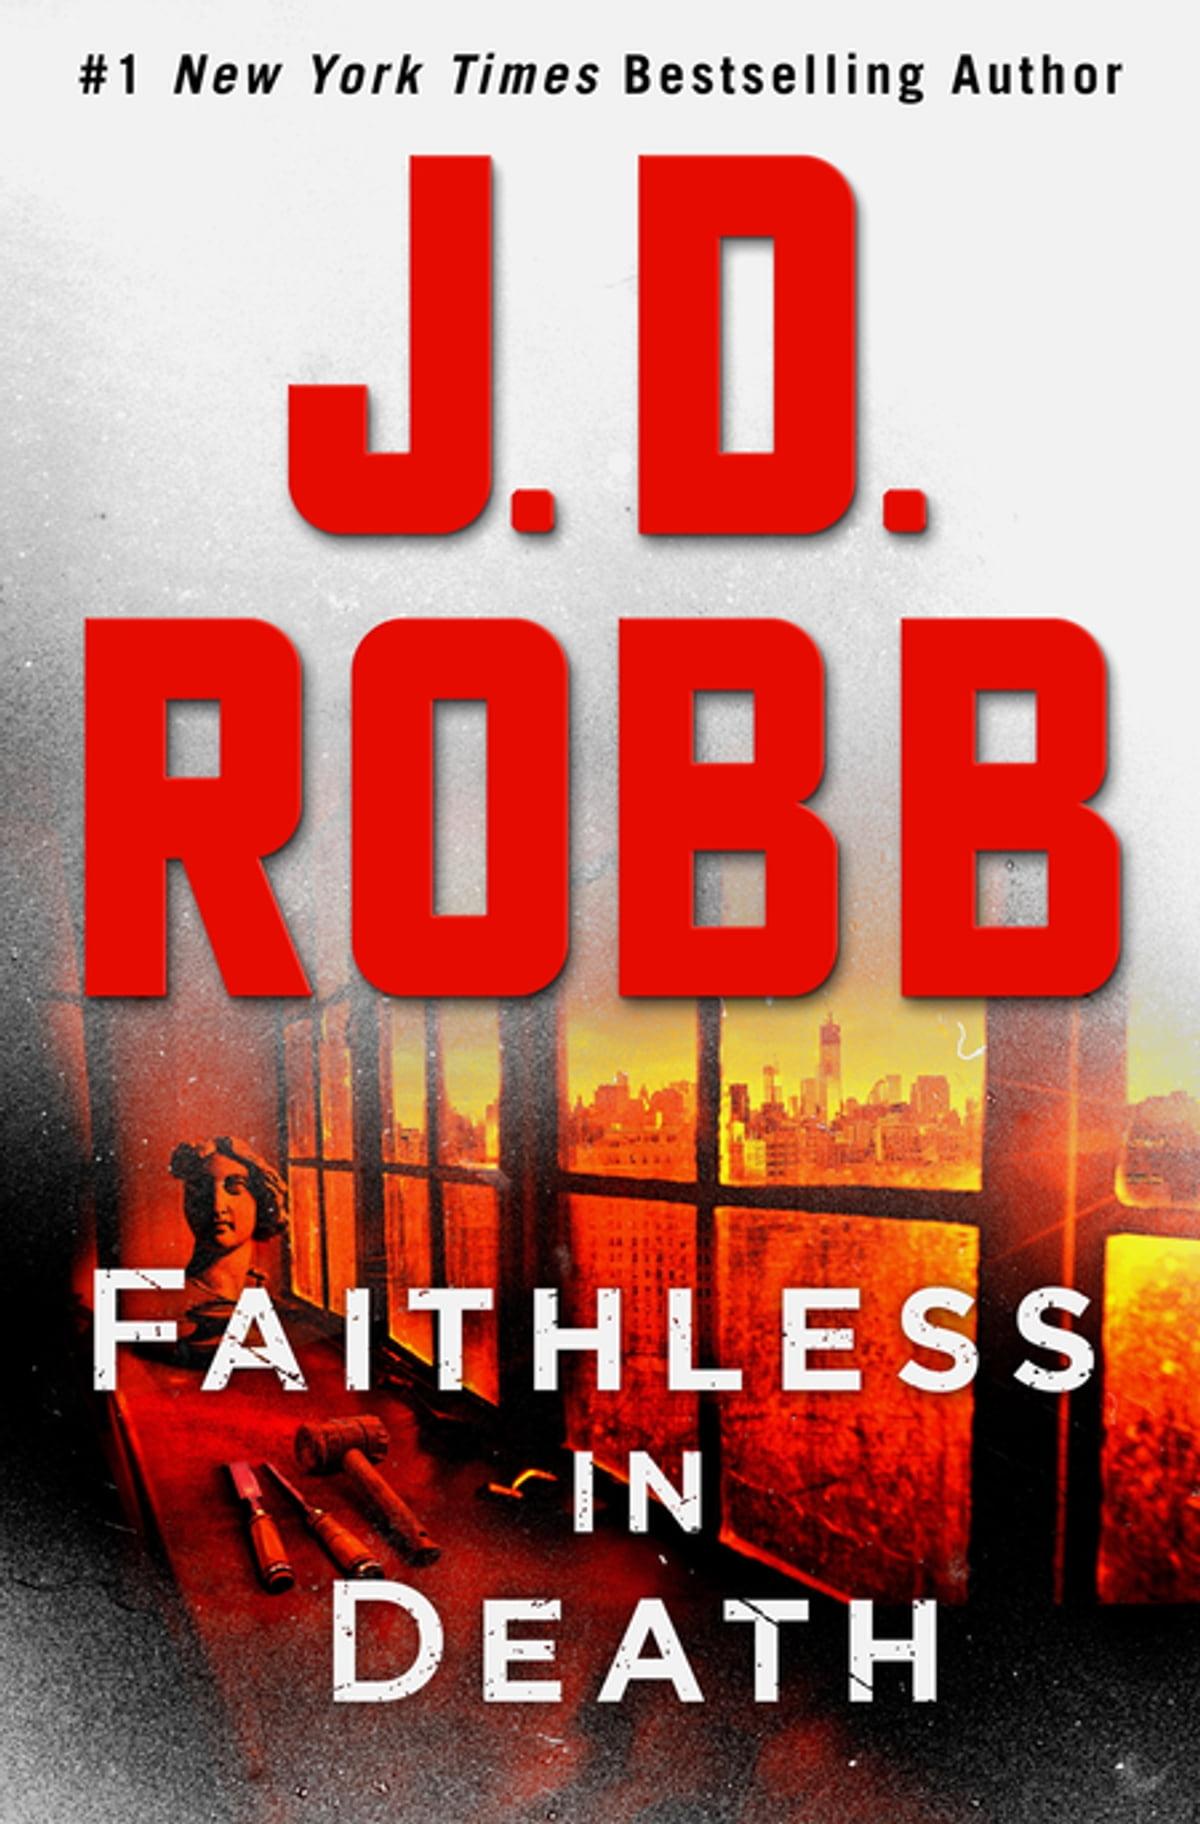 faithless-in-death.jpg&f=1&nofb=1